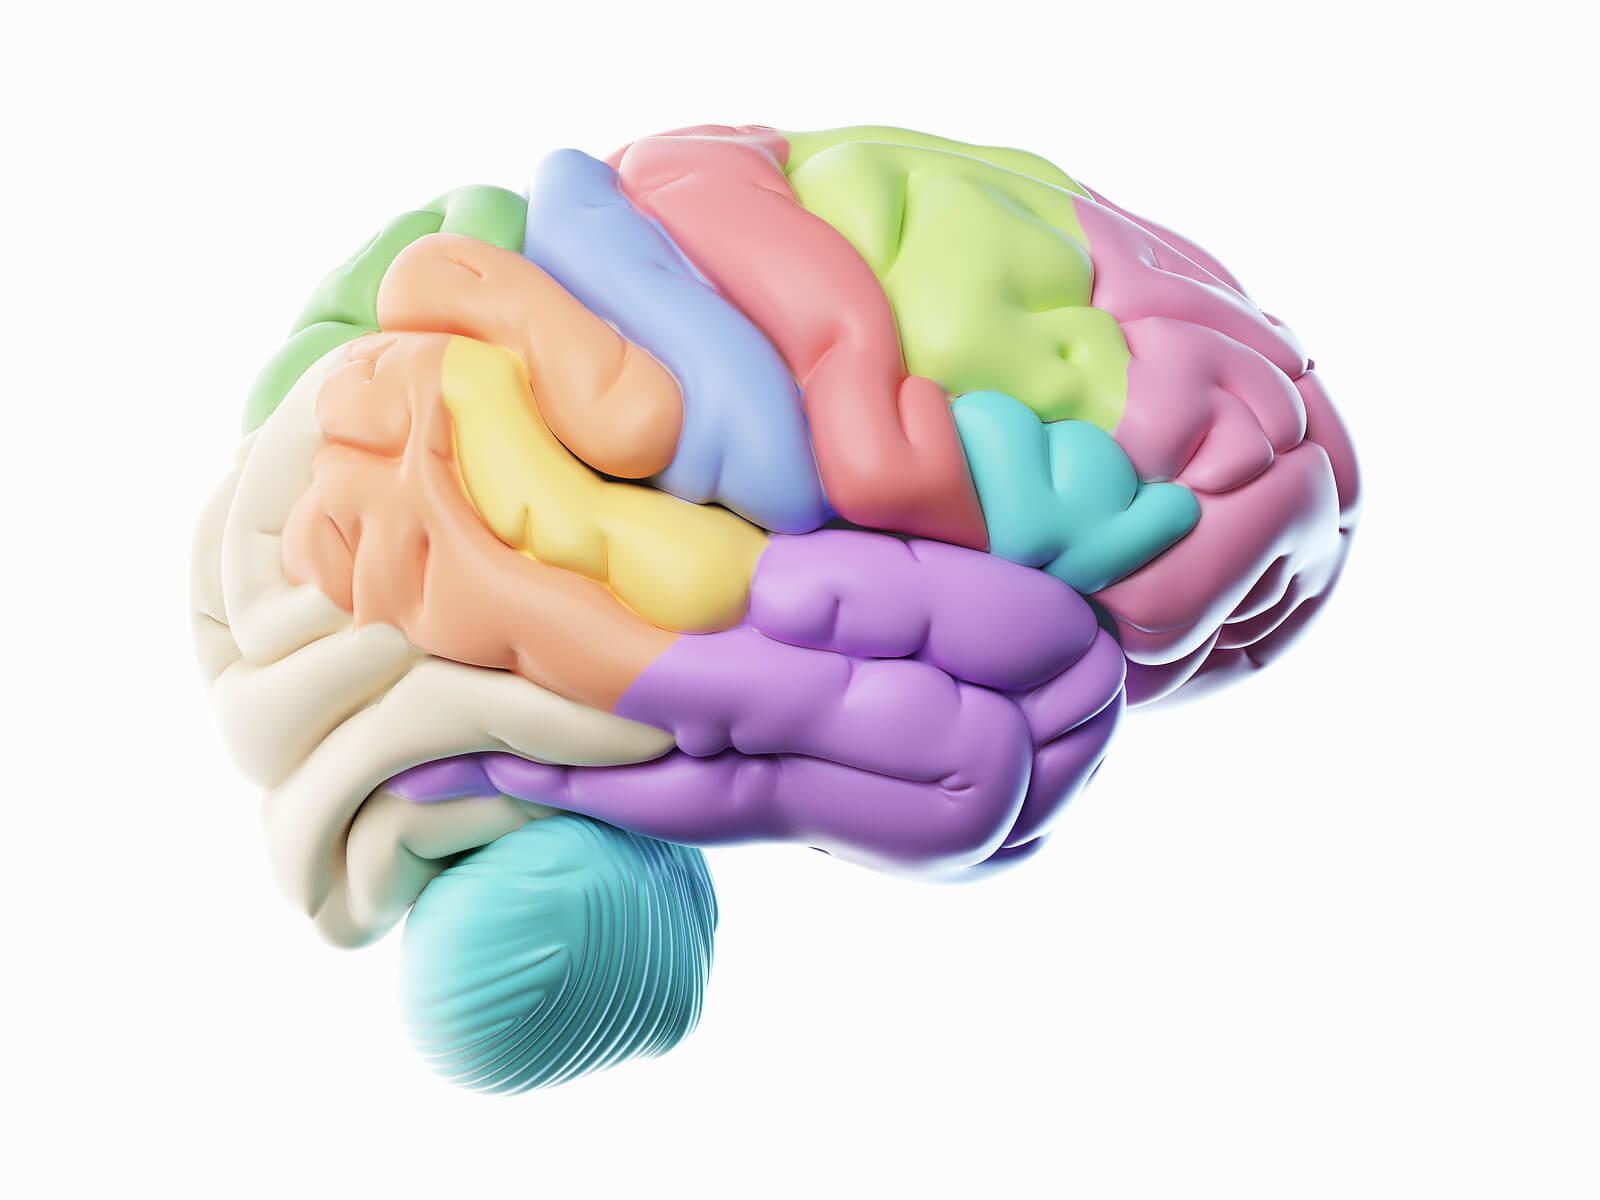 Lóbulos cerebrales, ¿cuáles son?